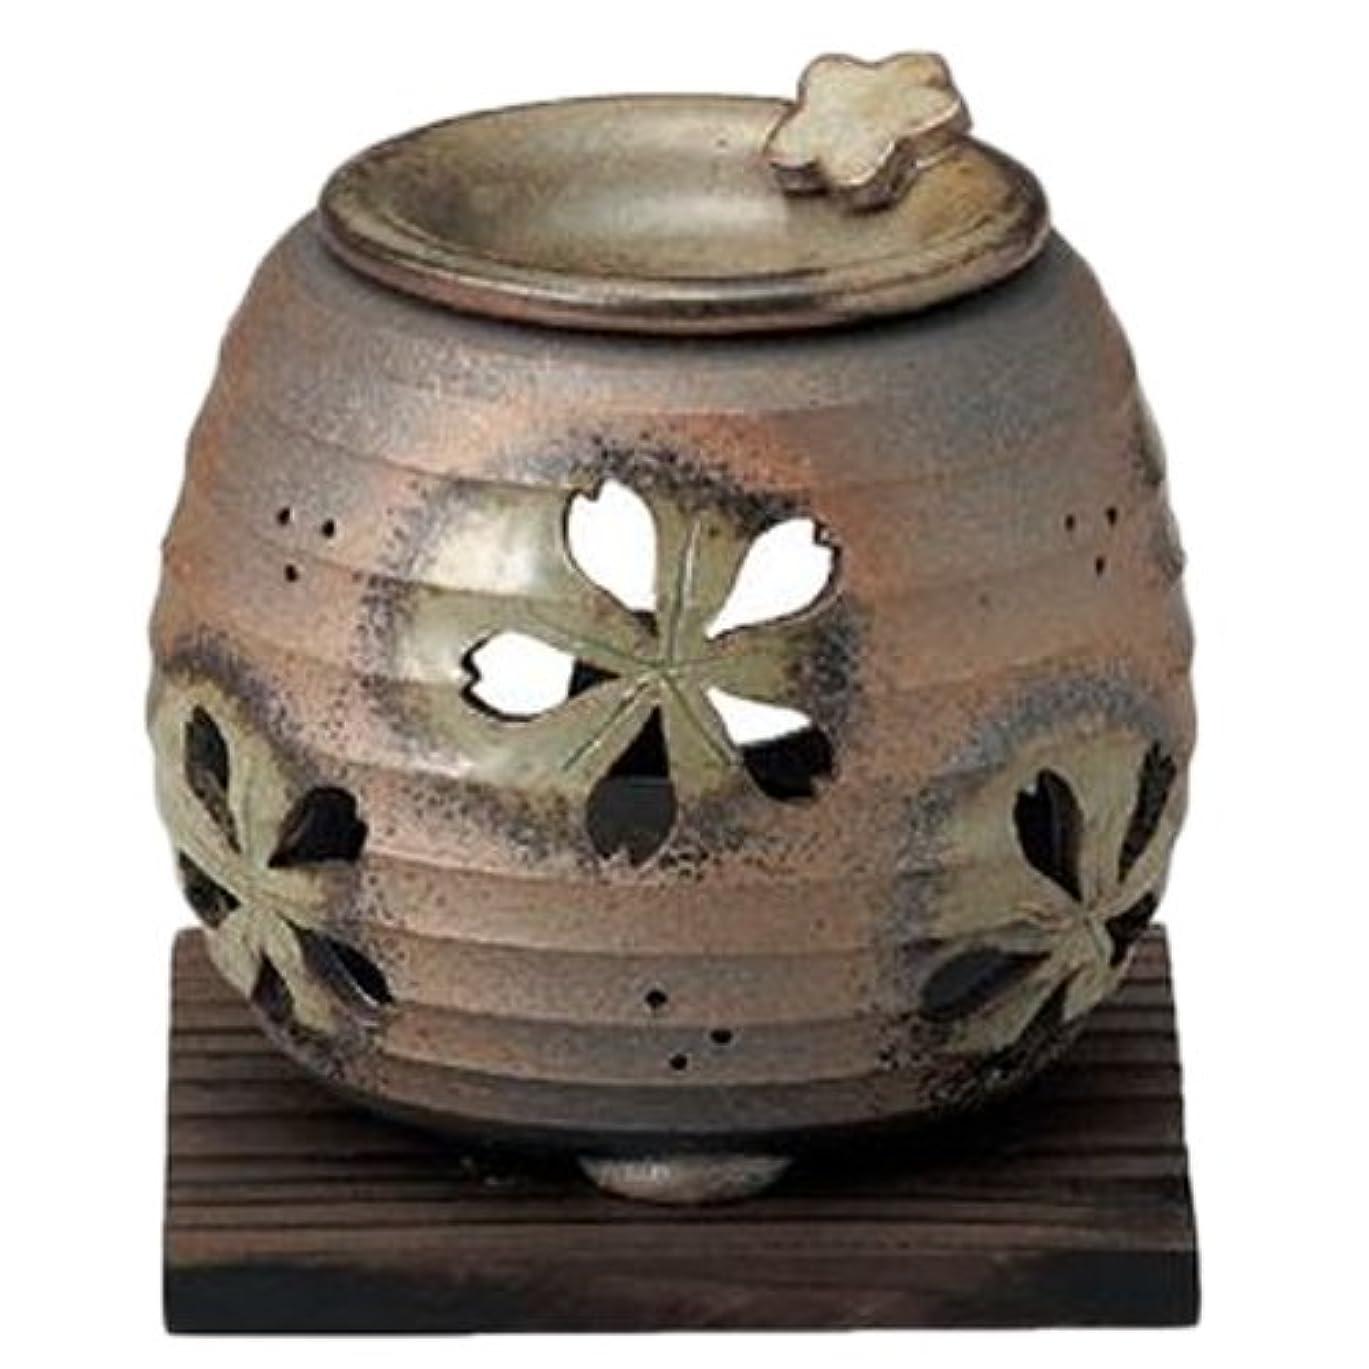 発生するクレーター引き受ける常滑焼6-249石龍 緑灰釉桜透かし茶香炉 AM-T1205